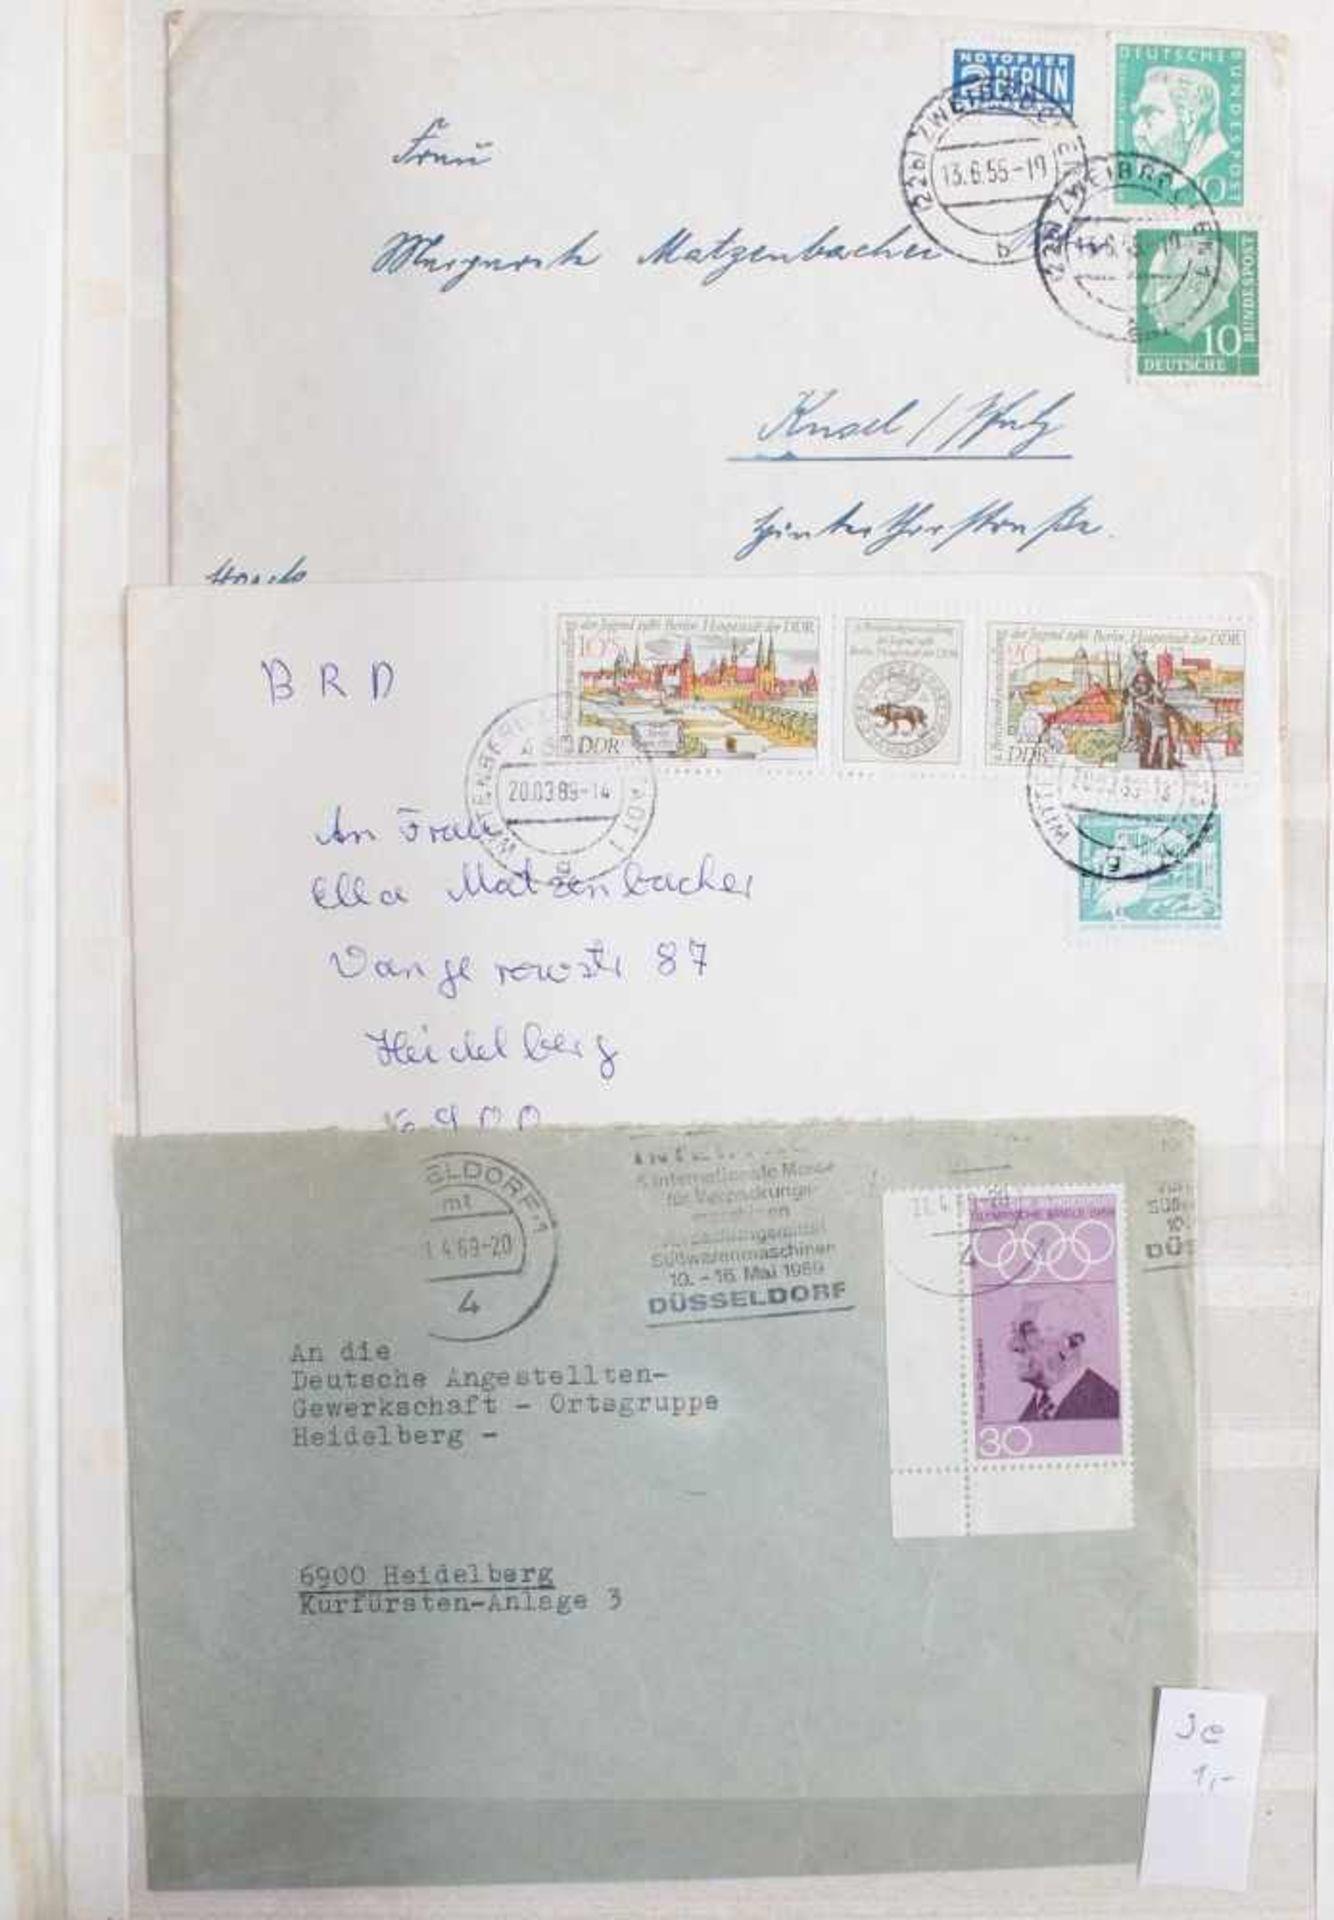 Kleine Sammlung Belege, Ganzsachen und BriefeInsgesamt 3 gut gefüllte Alben.1 Album Briefe, - Bild 6 aus 7